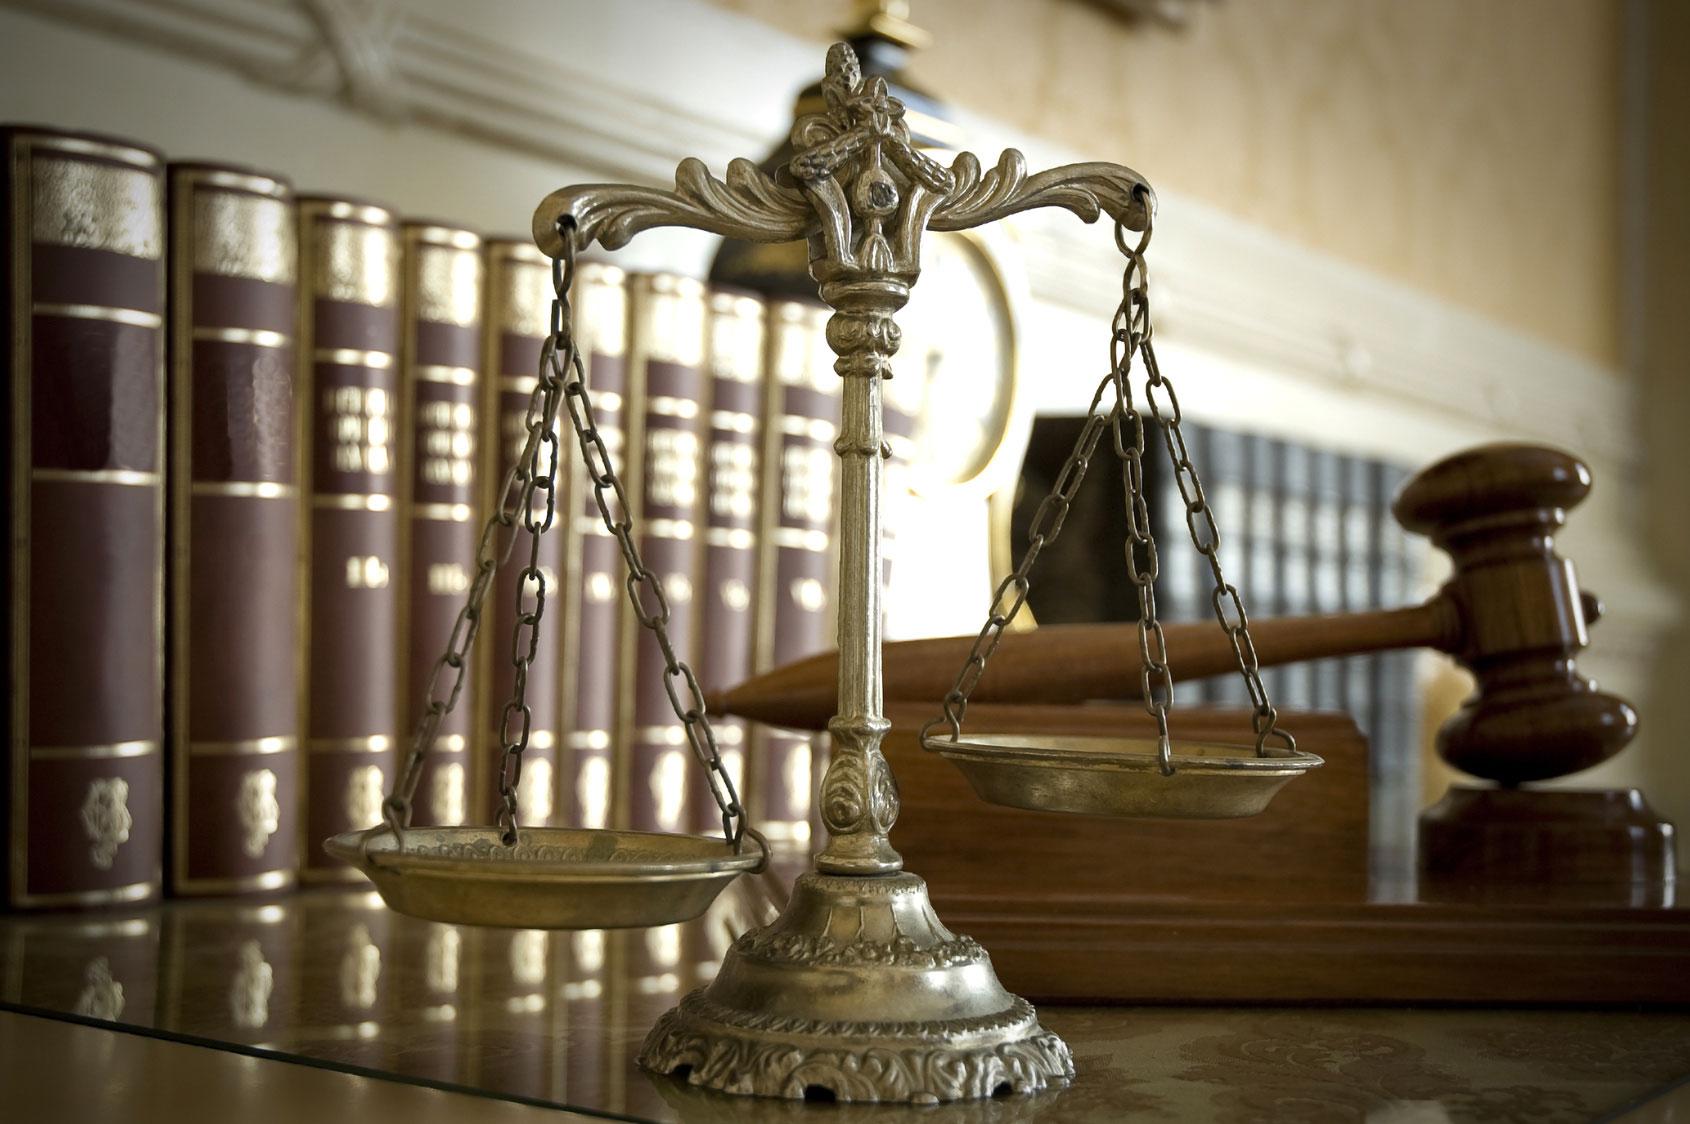 assistenza legale tributaria gioisa ionica reggio calabria